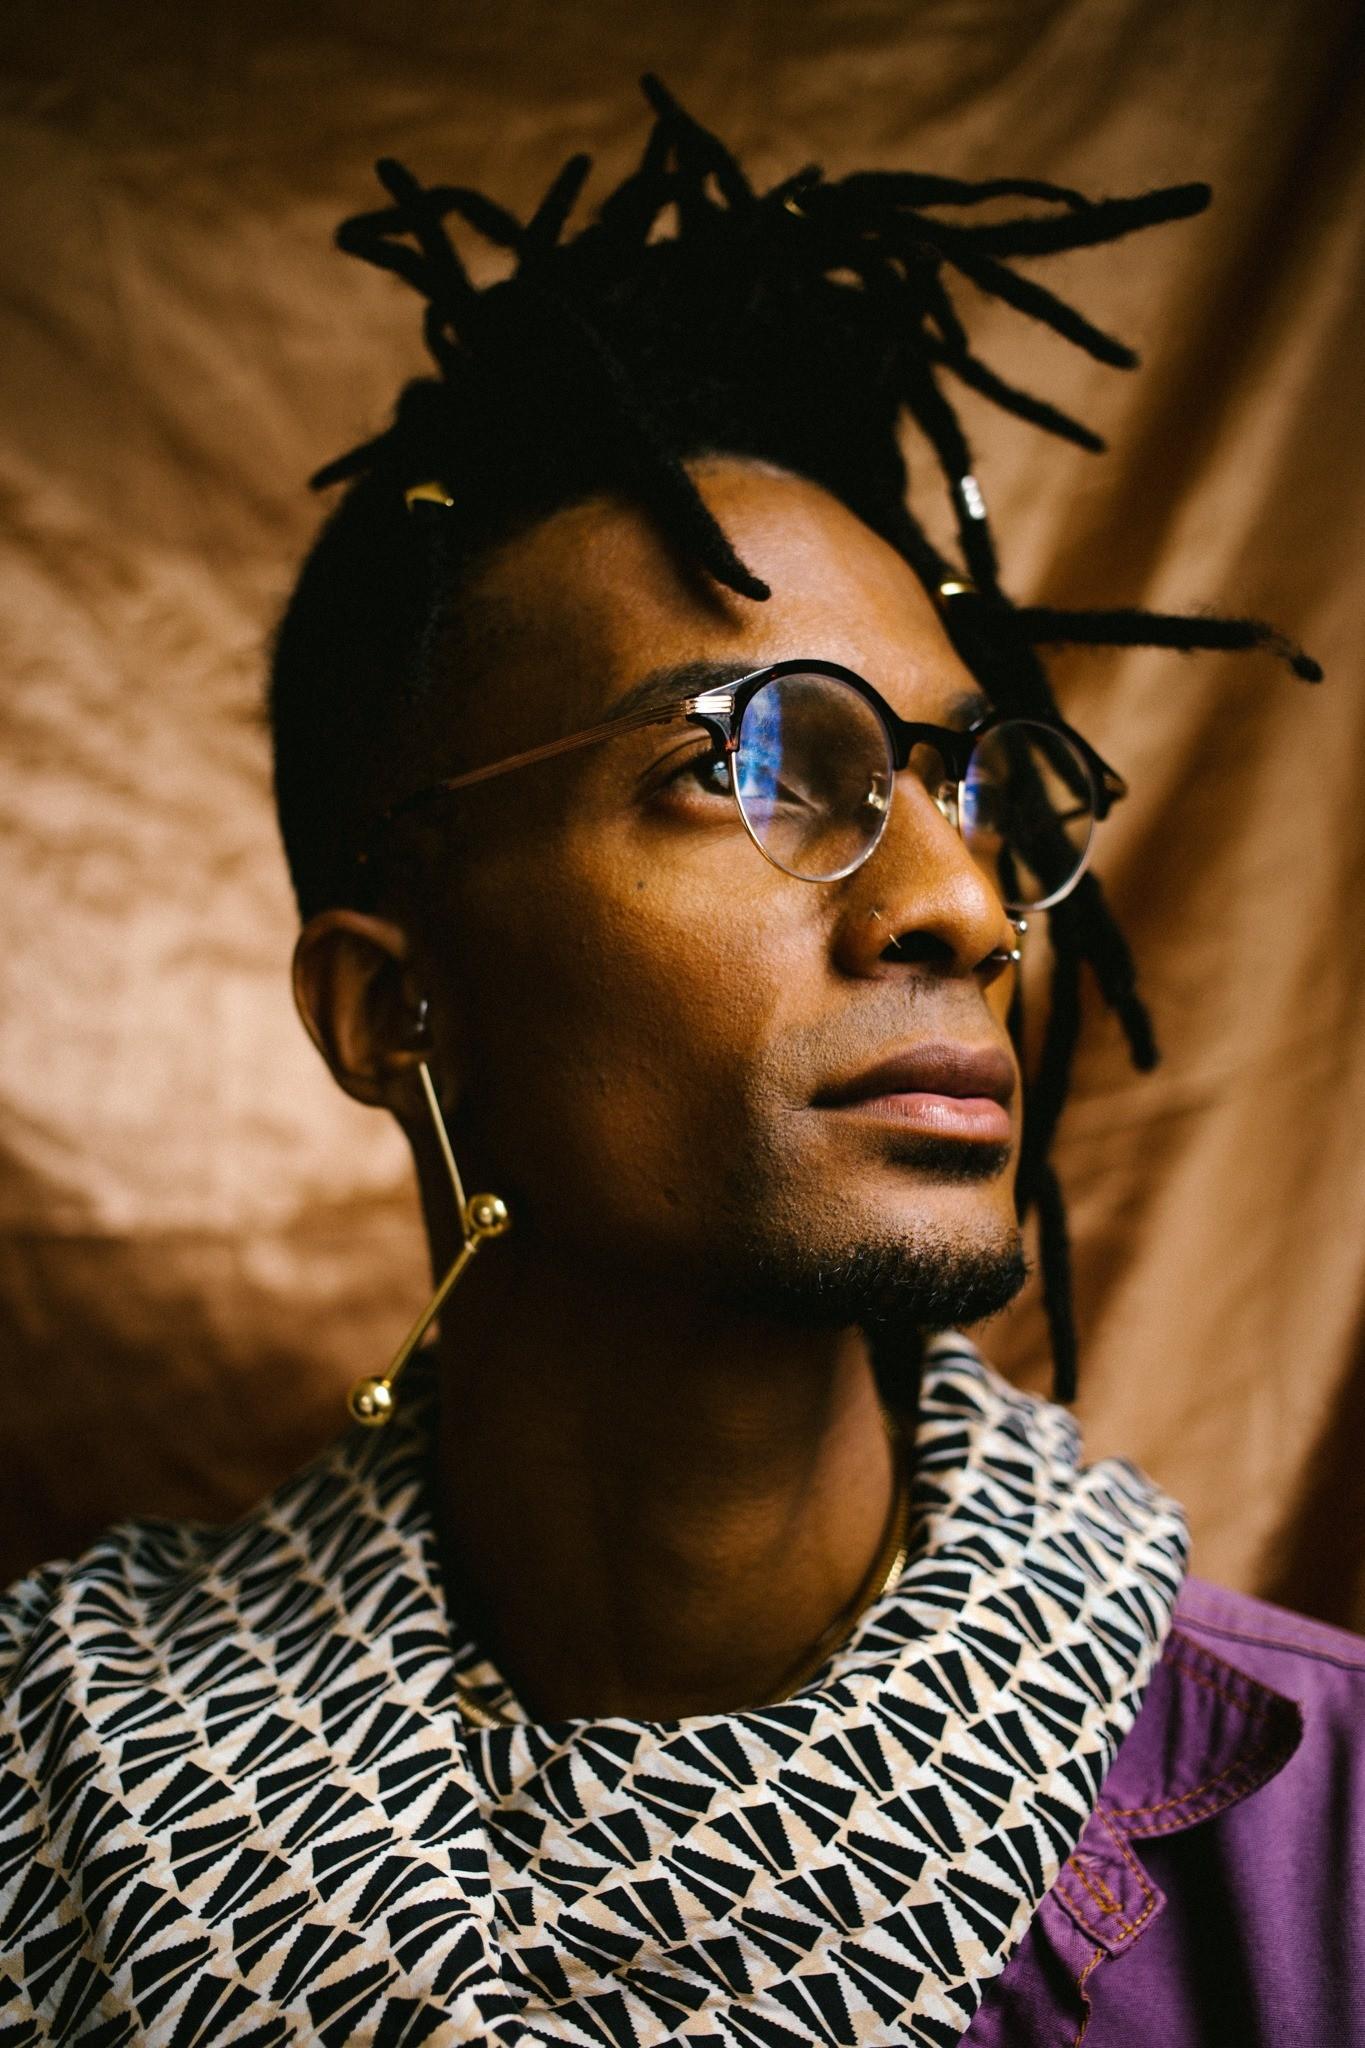 Pianista Jonathan Ferr repõe 'Saturno' em órbita já com status de revelação  carioca do jazz